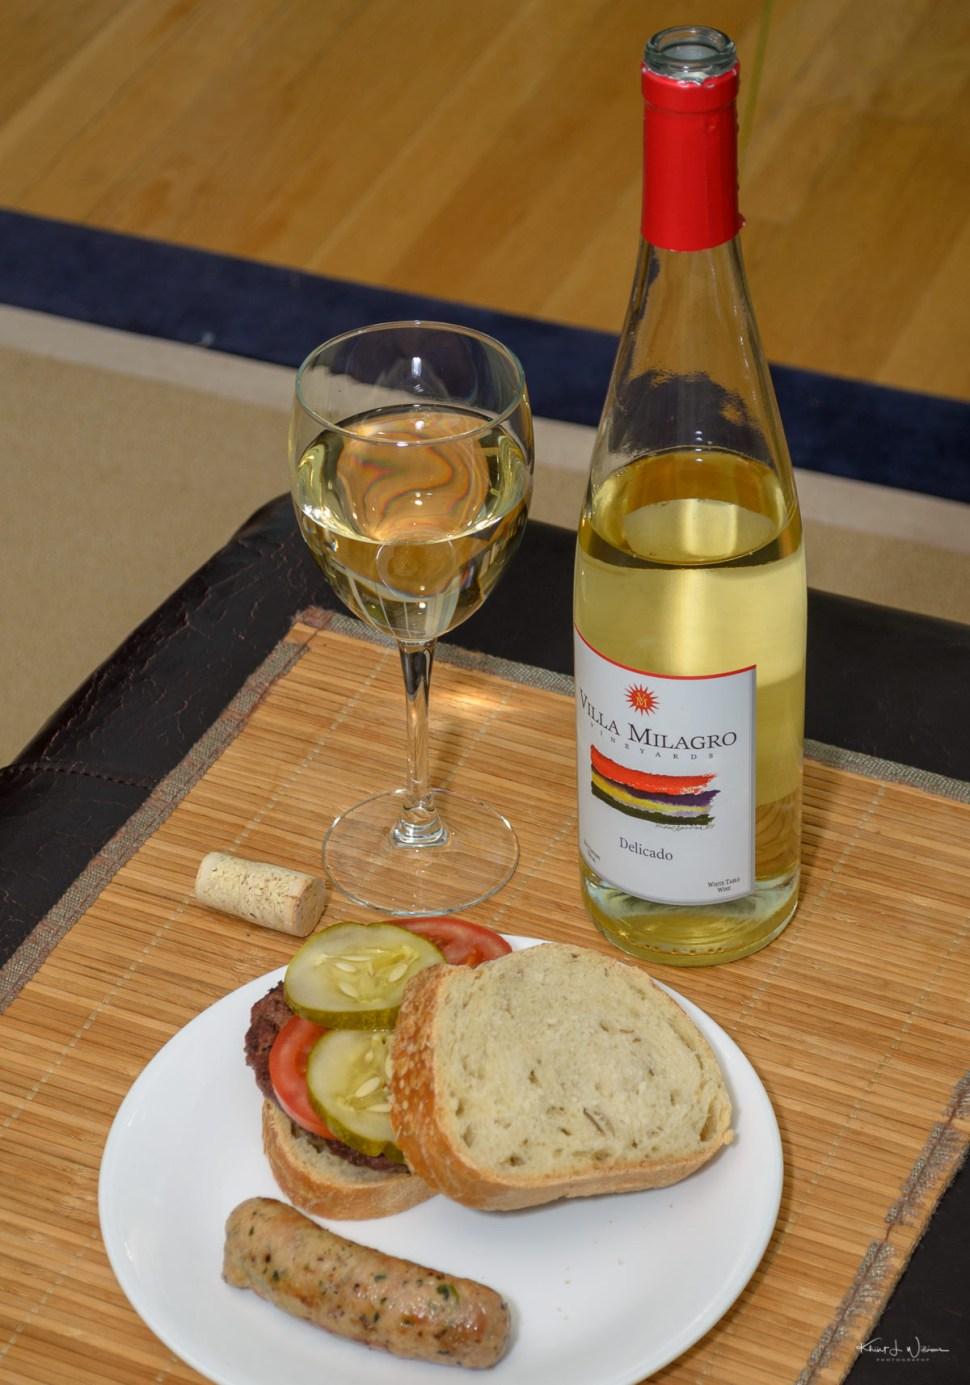 wine, farmers market, food, glass, bottle, burger